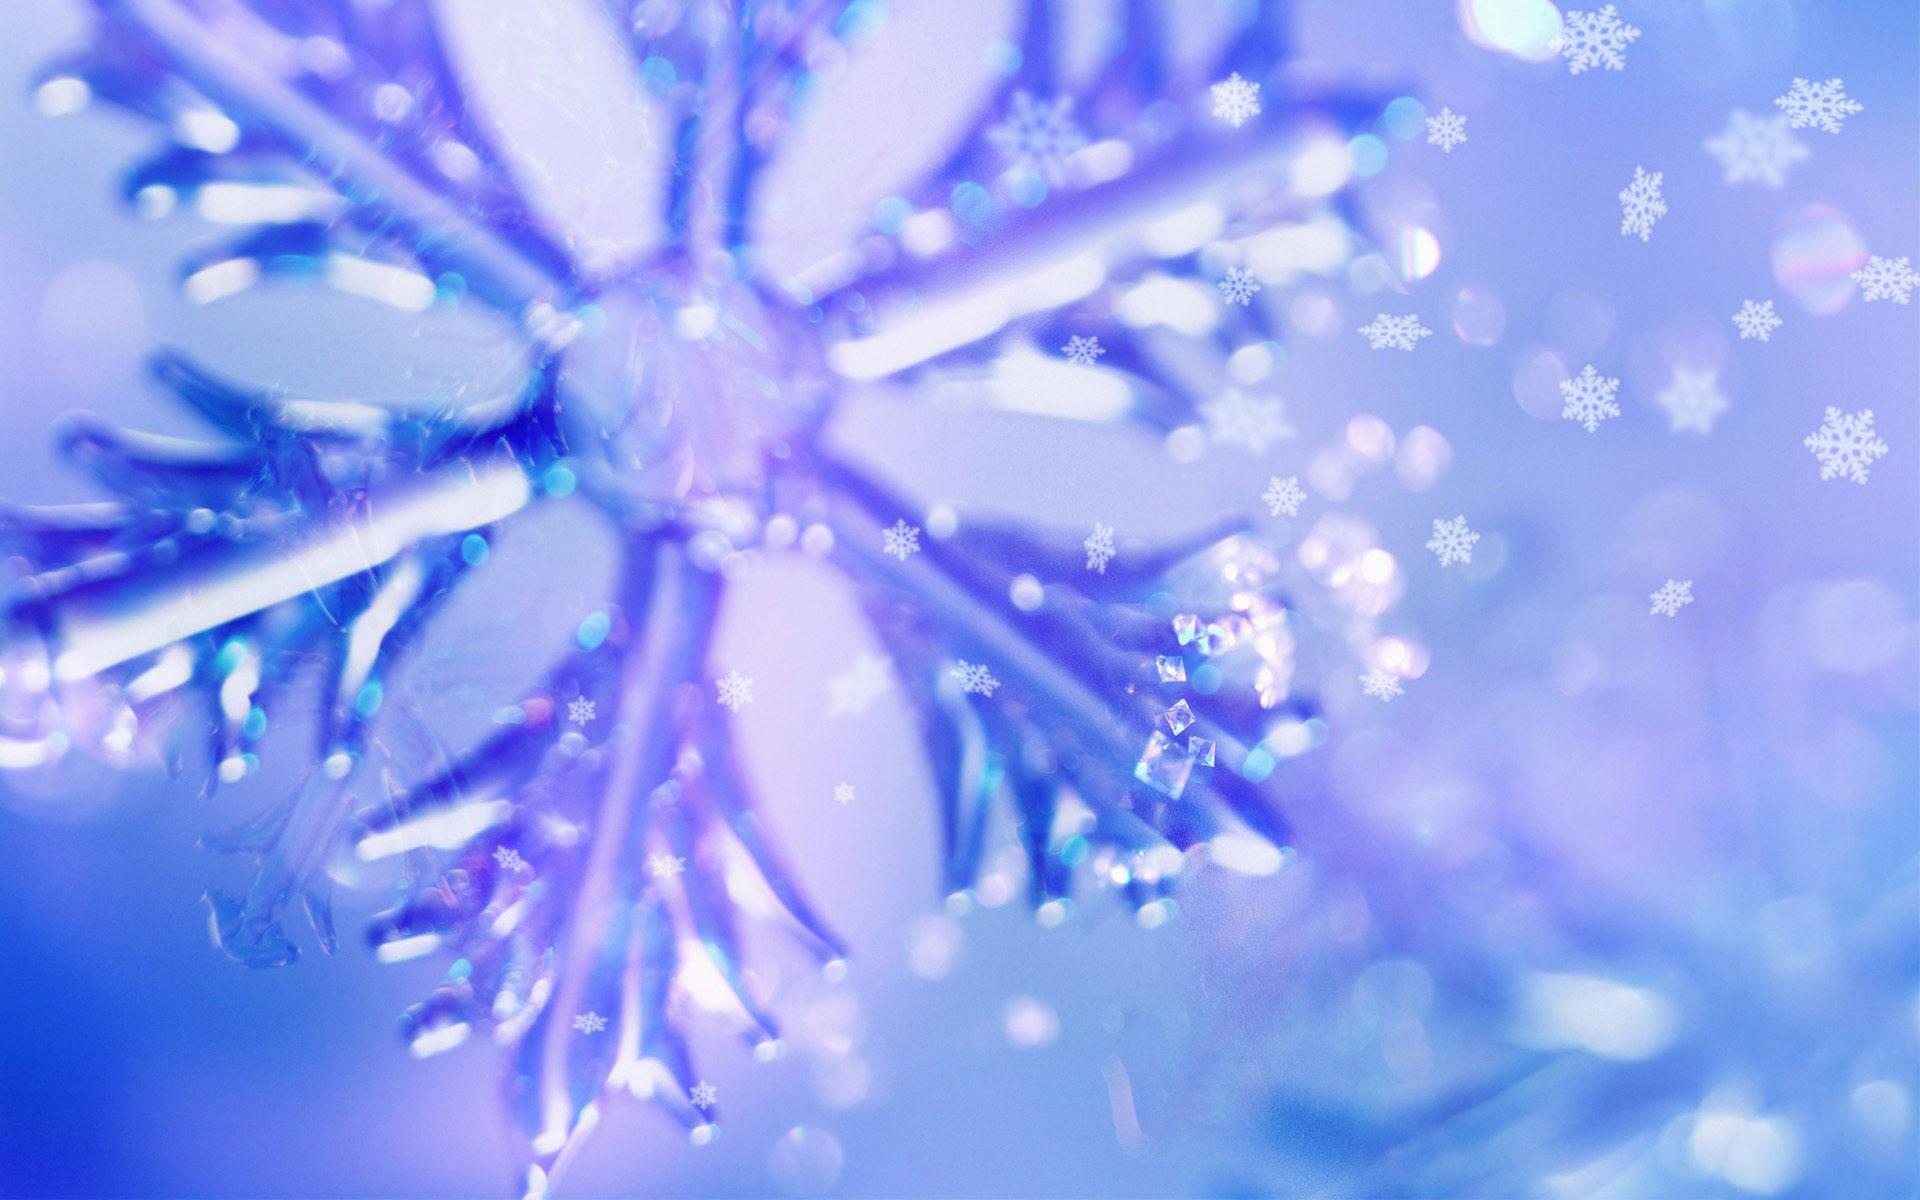 hình nền mùa đông dong